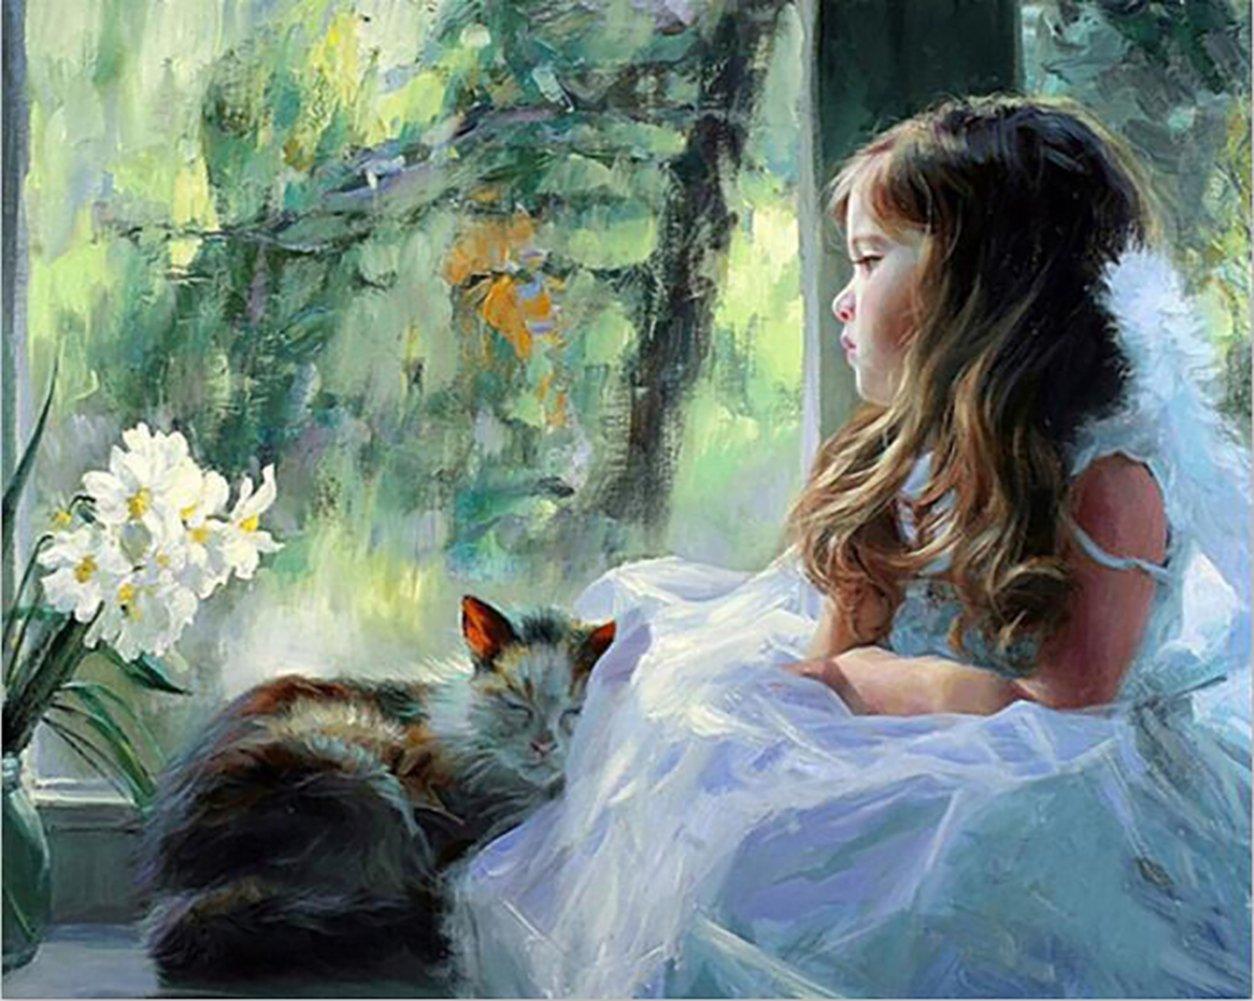 Fuumuui Fai-da-Te Fai-da-Te Pittura a Olio su Tela Regalo per Adulti Bambini dipingere da Numero Kit Decorazioni per la casa -Bambina e Il Suo Gattino 16 * 20 Pollici